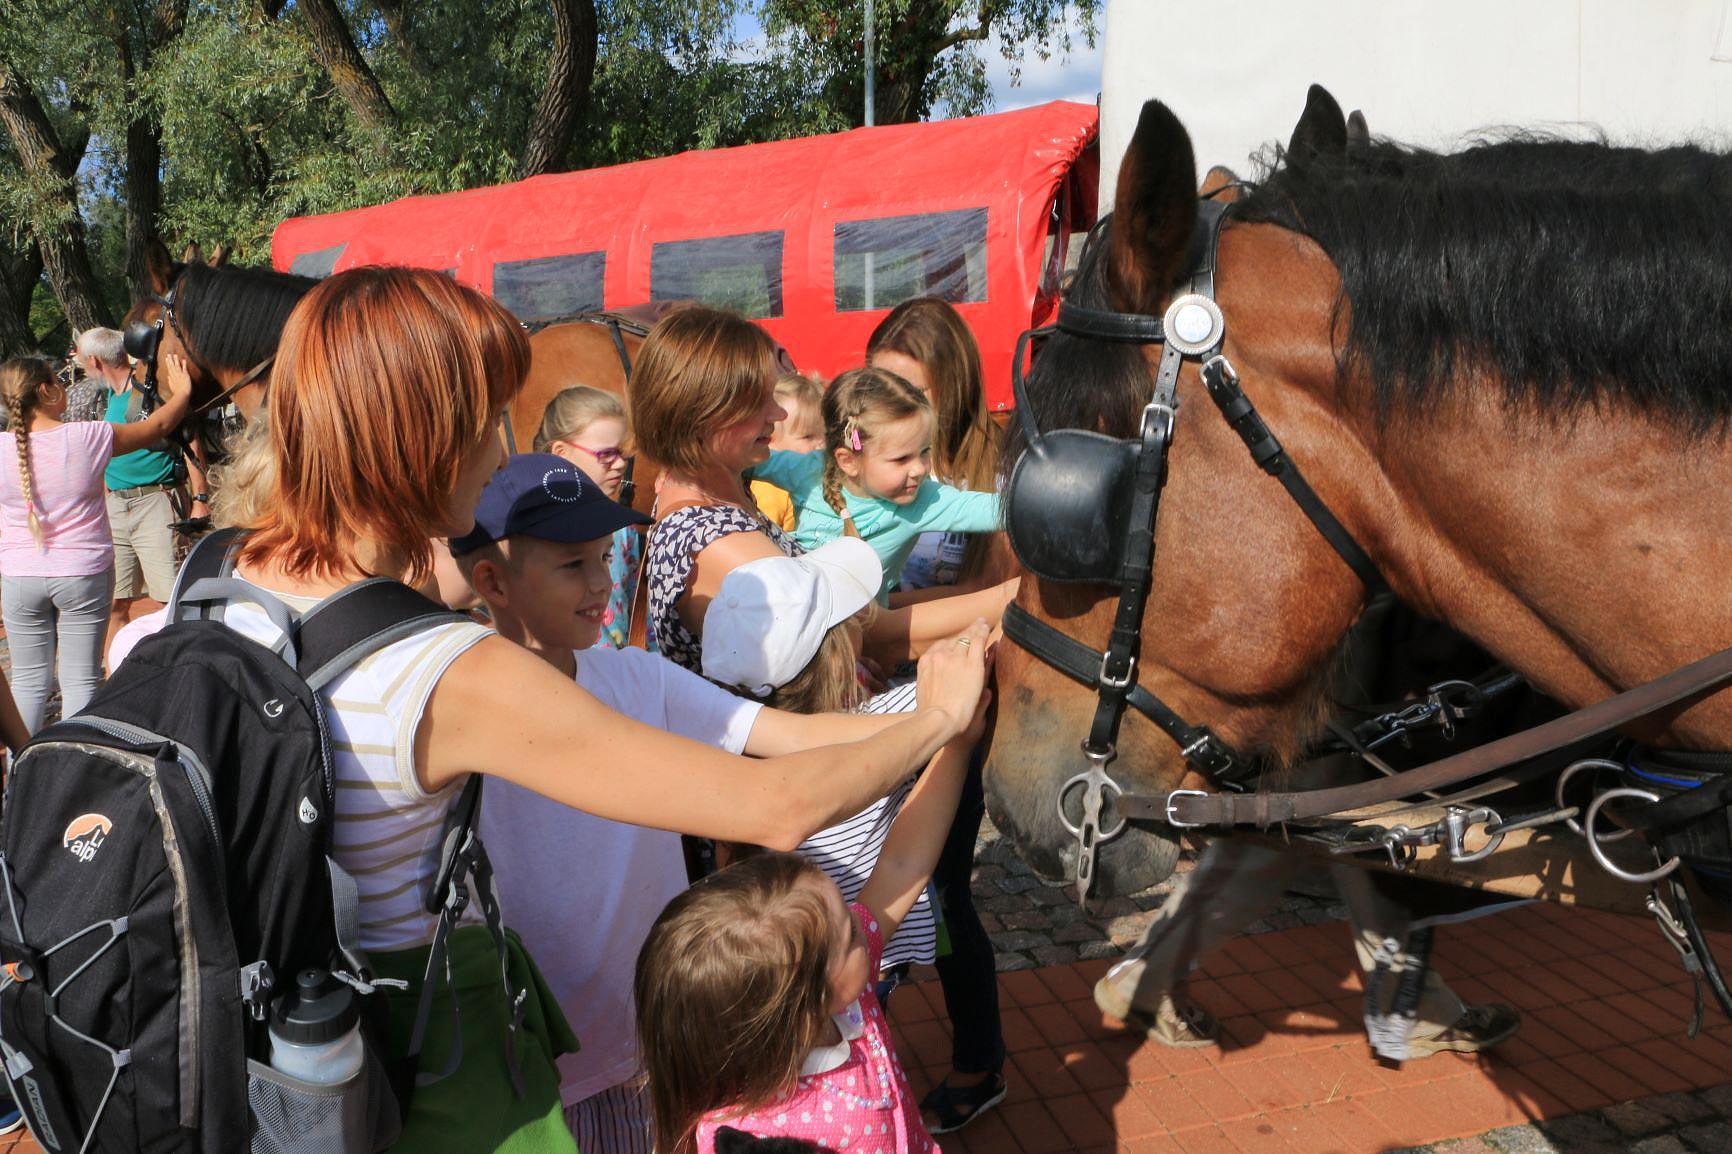 Begrüßung in Lettland - Titanen on tour